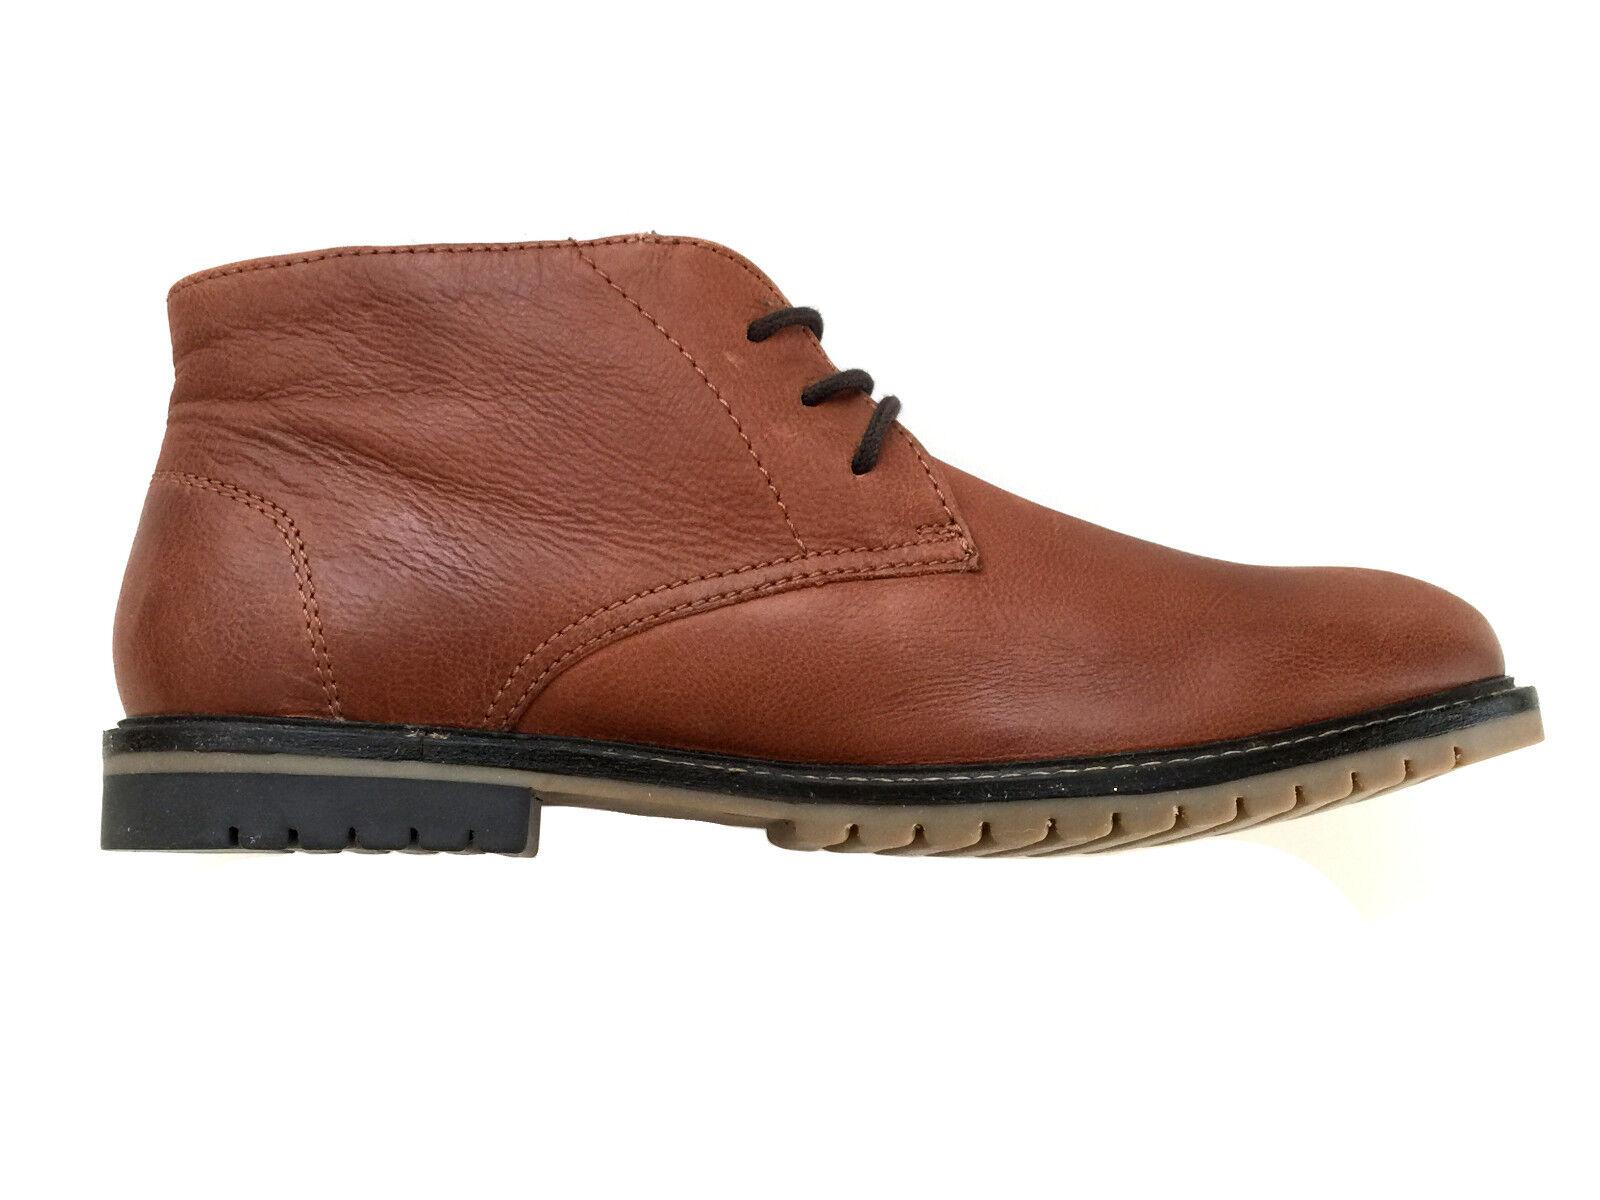 NEU Herren Schuhe von John Devine Gr.45 braun echtes Leder